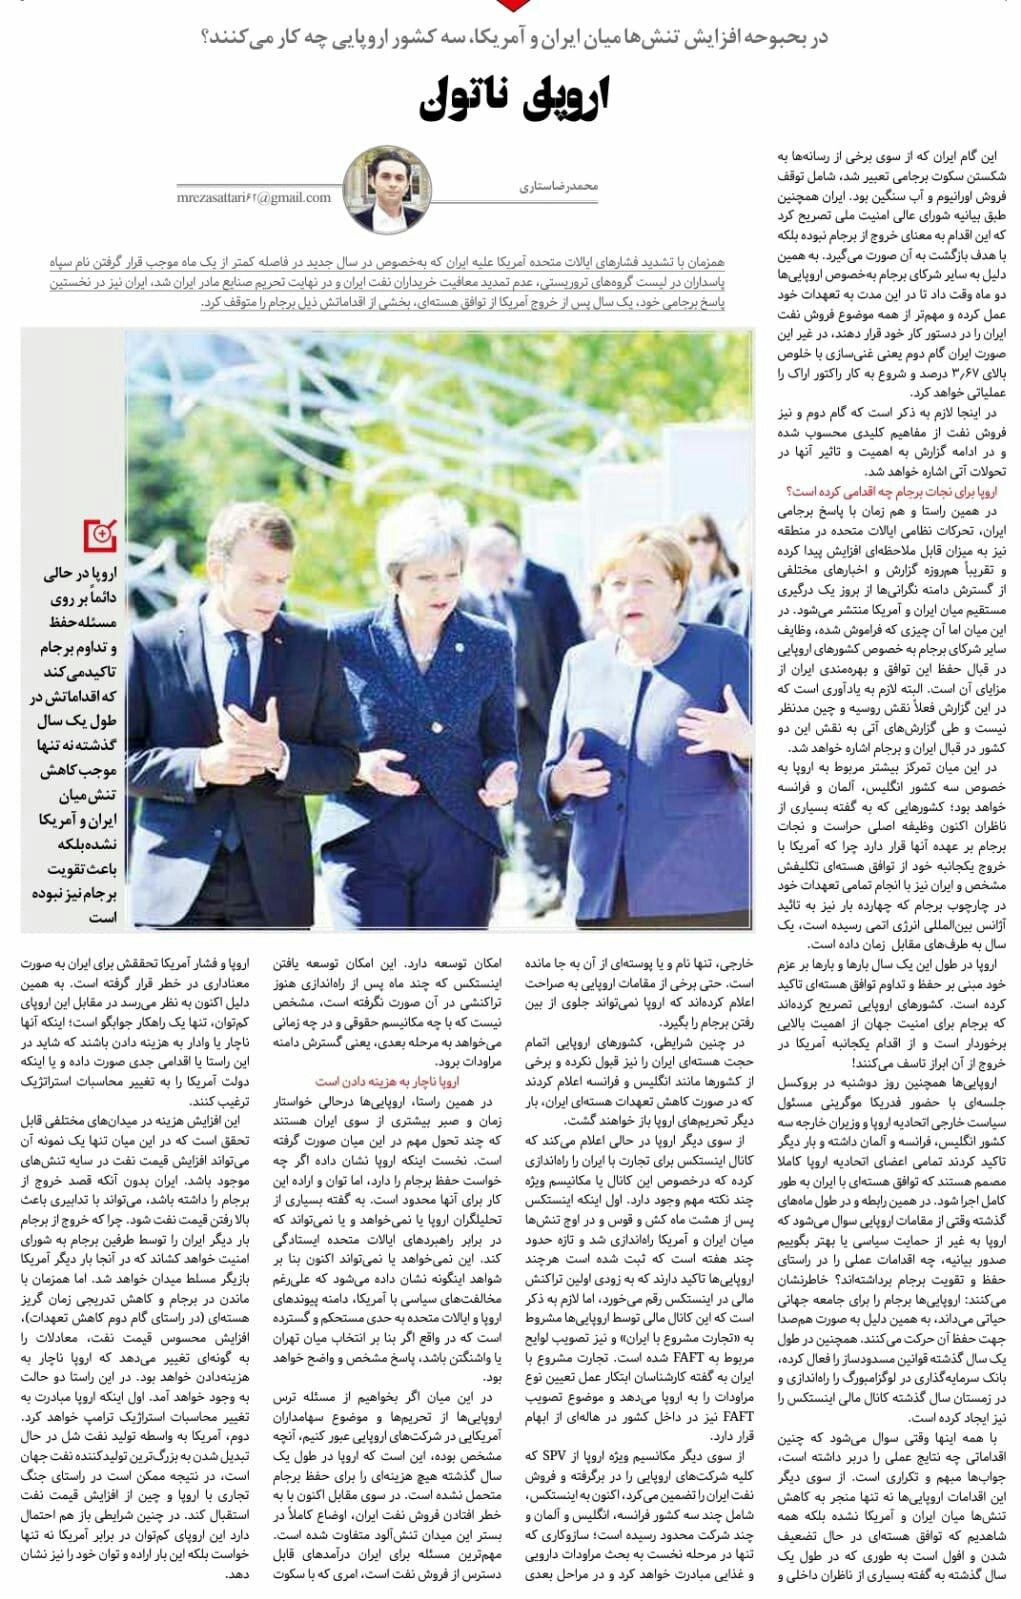 بين الصفحات الإيرانية: لا حرب بين إيران وأميركا.. والنظام الرئاسي يلفظ أنفاسه الأخيرة 4